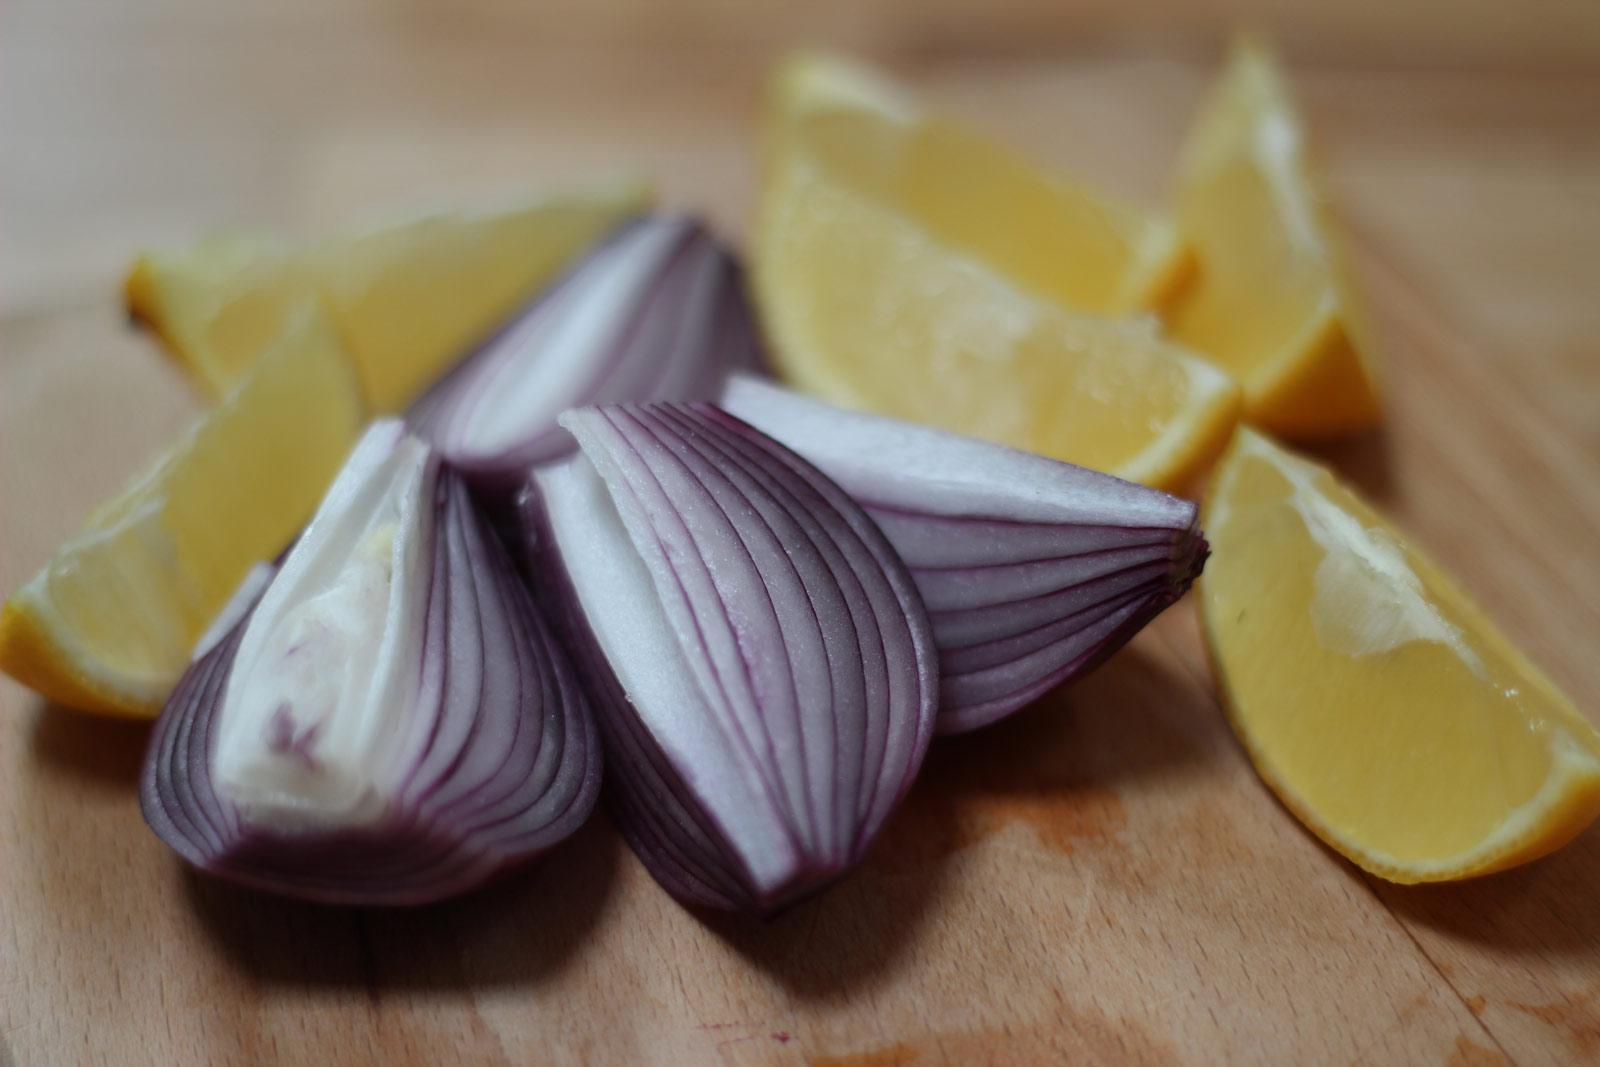 Onions + Lemons